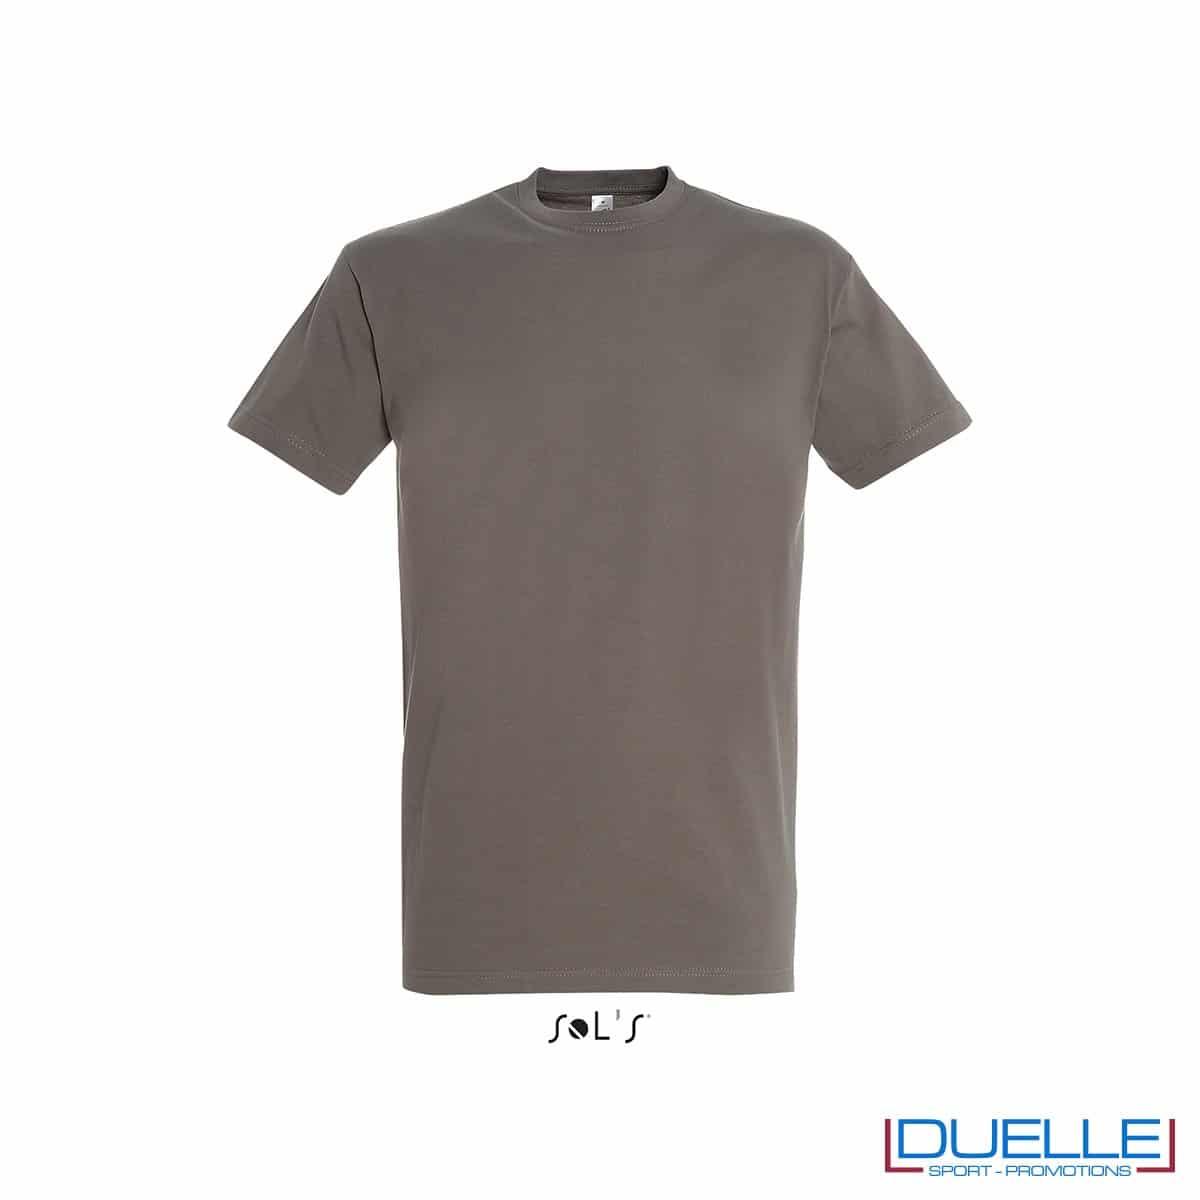 Maglietta promozionale in cotone pesante colore zinco personalizzata con ricamo o stampa